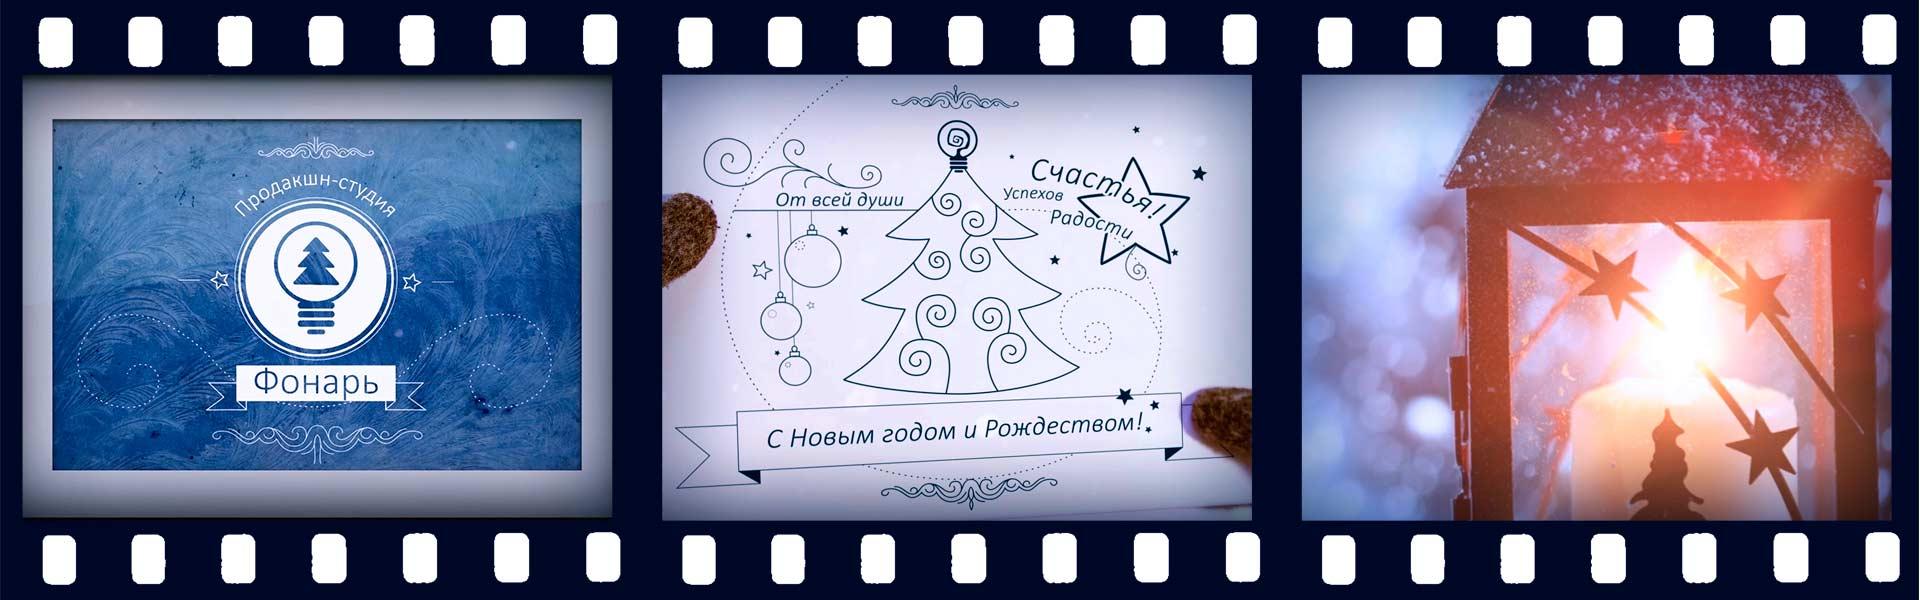 Новогодняя видеооткрытка «От Фонаря», 2016 год